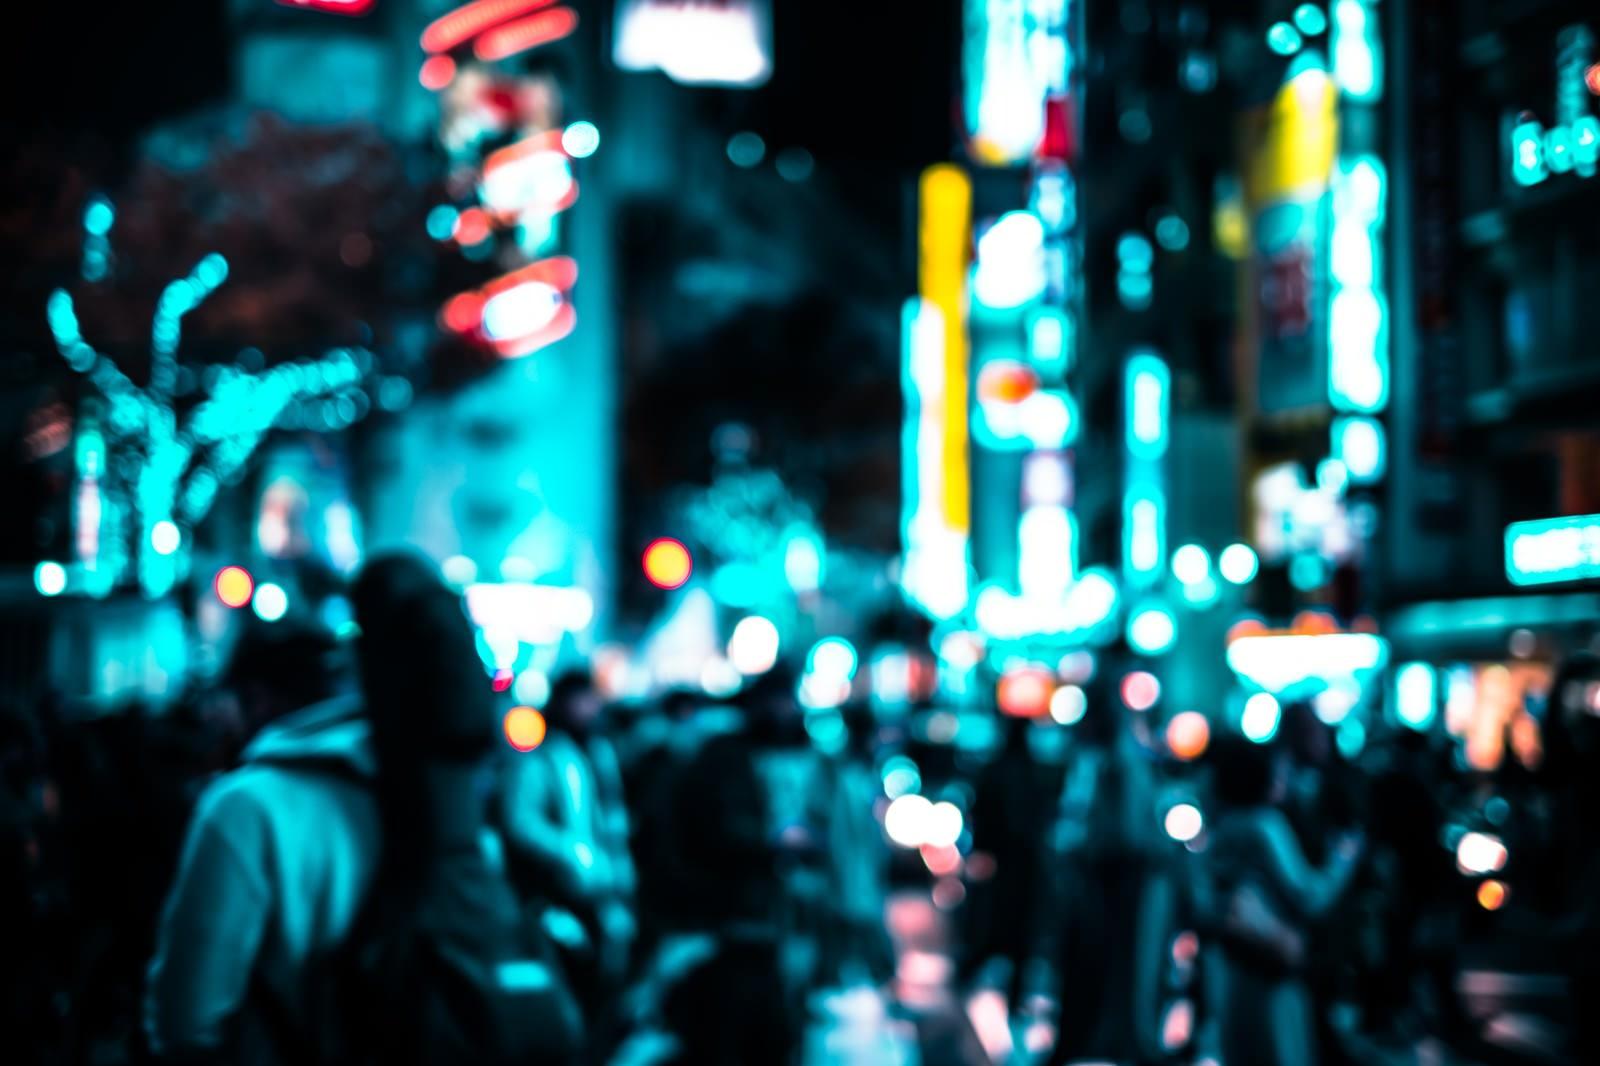 「渋谷のネオンと交差点を行き交う通行人(夜間)」の写真